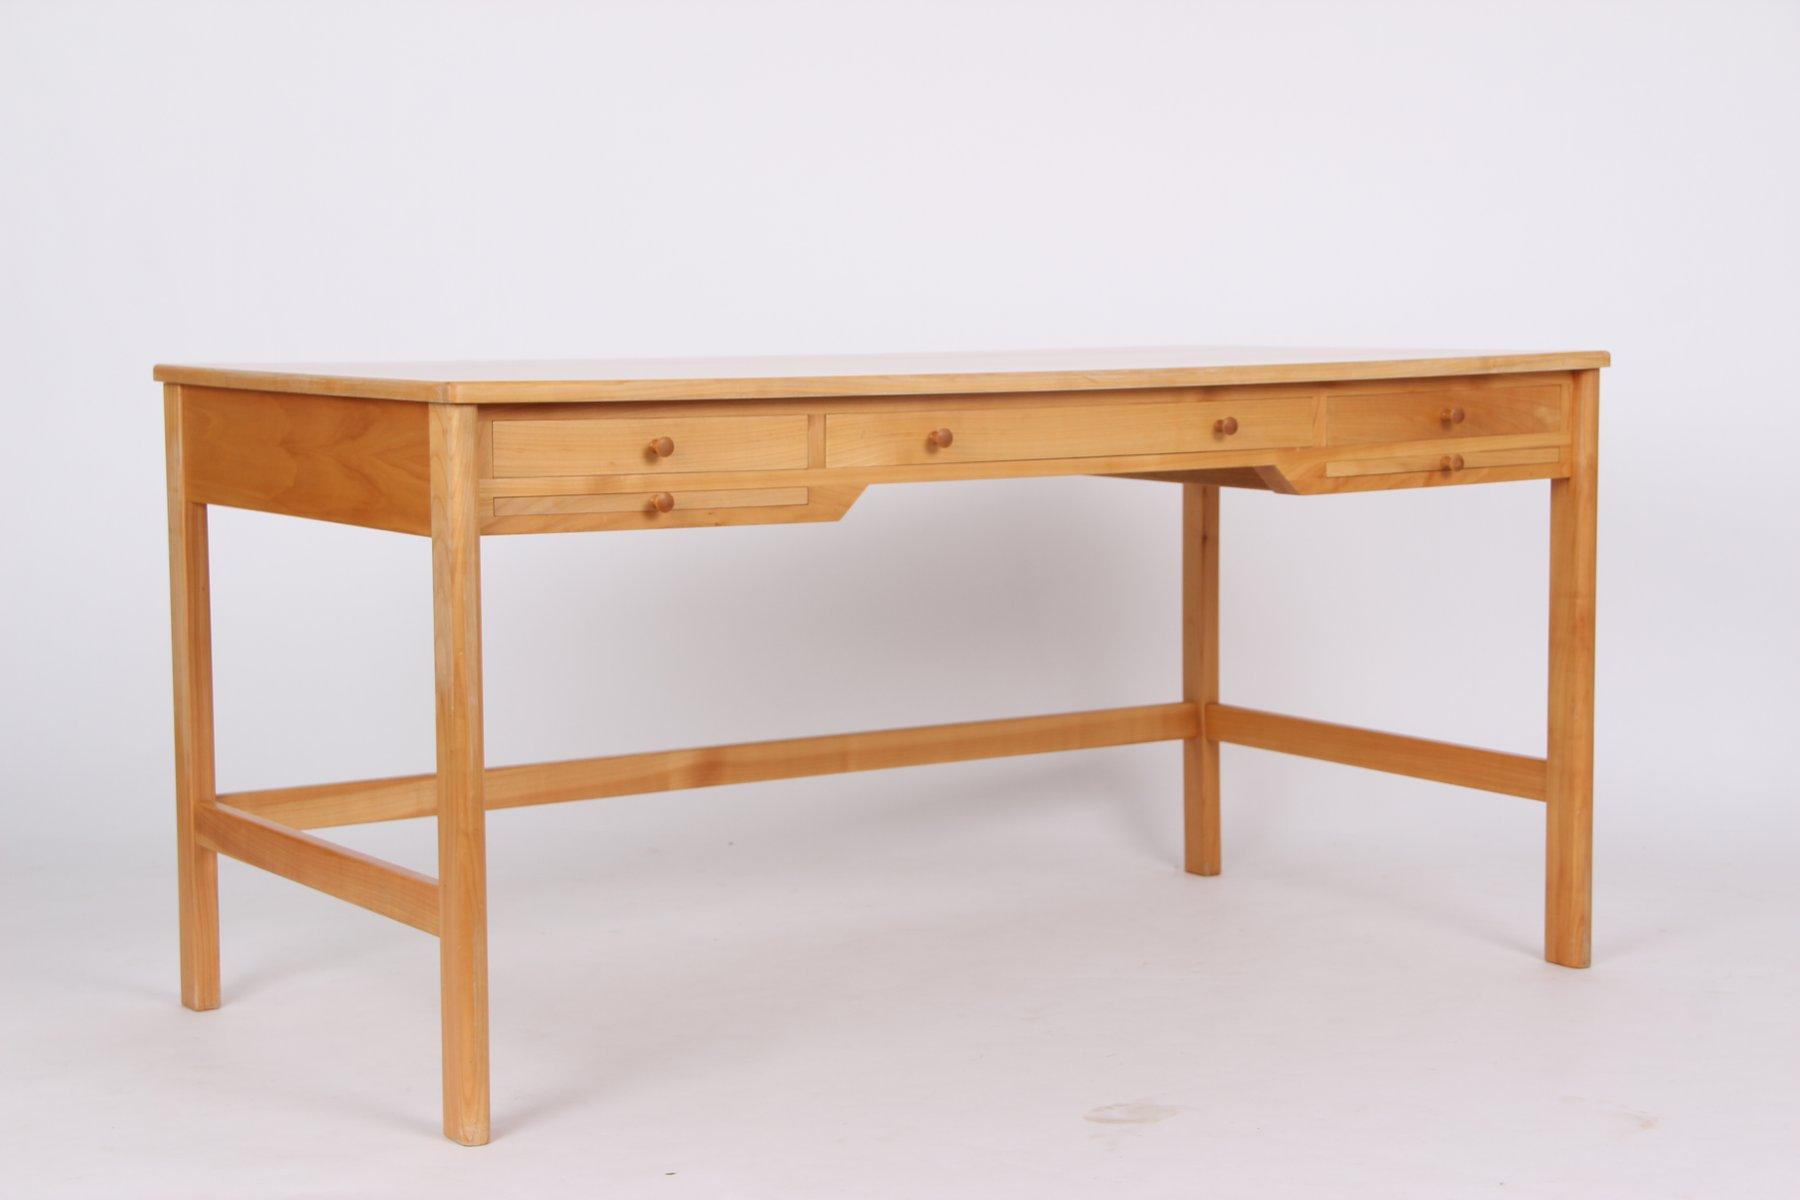 kirschholz schreibtisch von rigmor andersen 1960er bei pamono kaufen. Black Bedroom Furniture Sets. Home Design Ideas